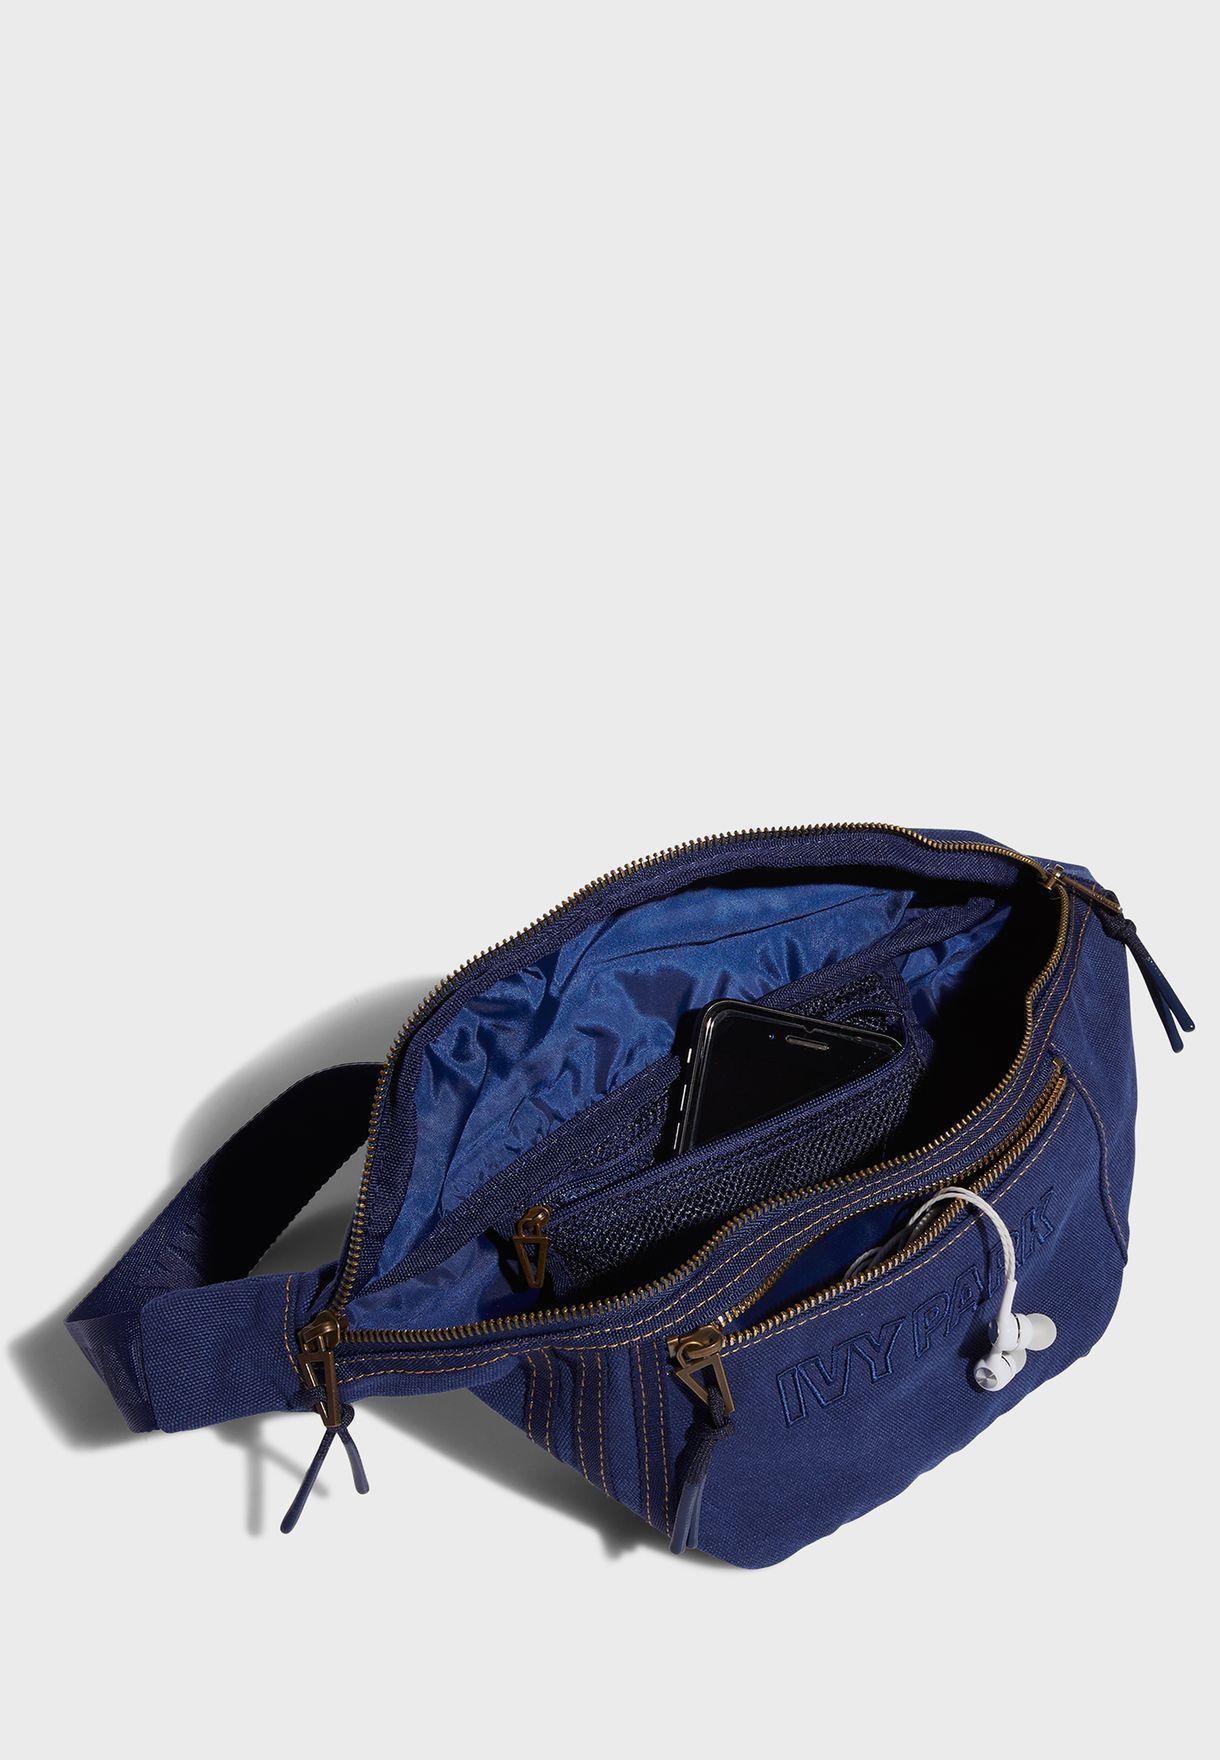 Ivy Park Small Waistbag